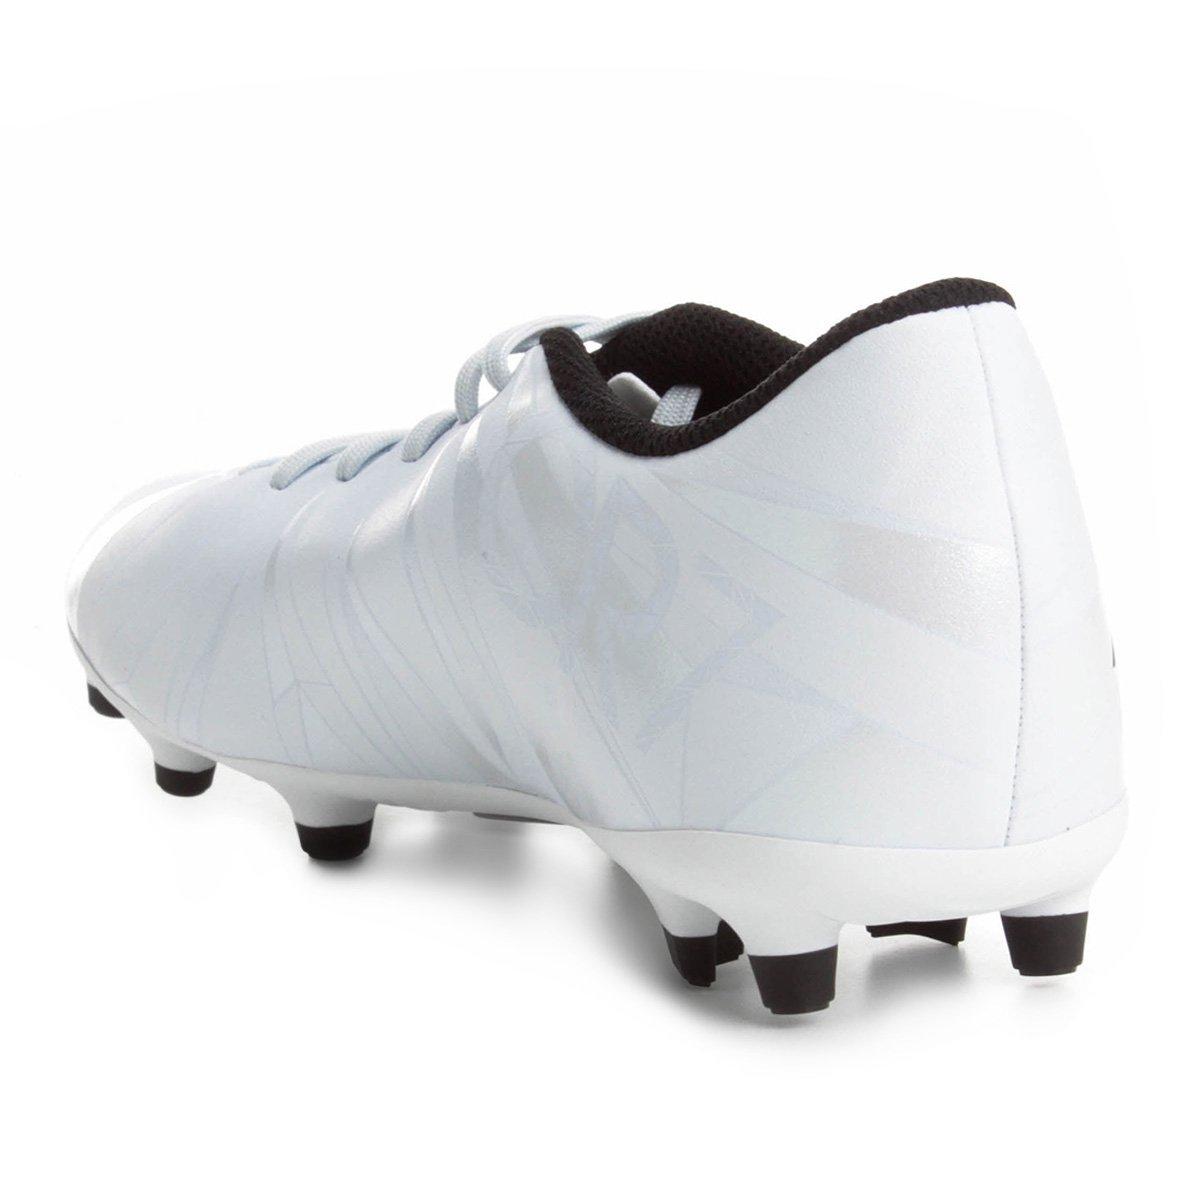 a6ccee67a7 Chuteira Campo Nike Mercurial Vortex 3 CR7 FG - Branco e Preto ...